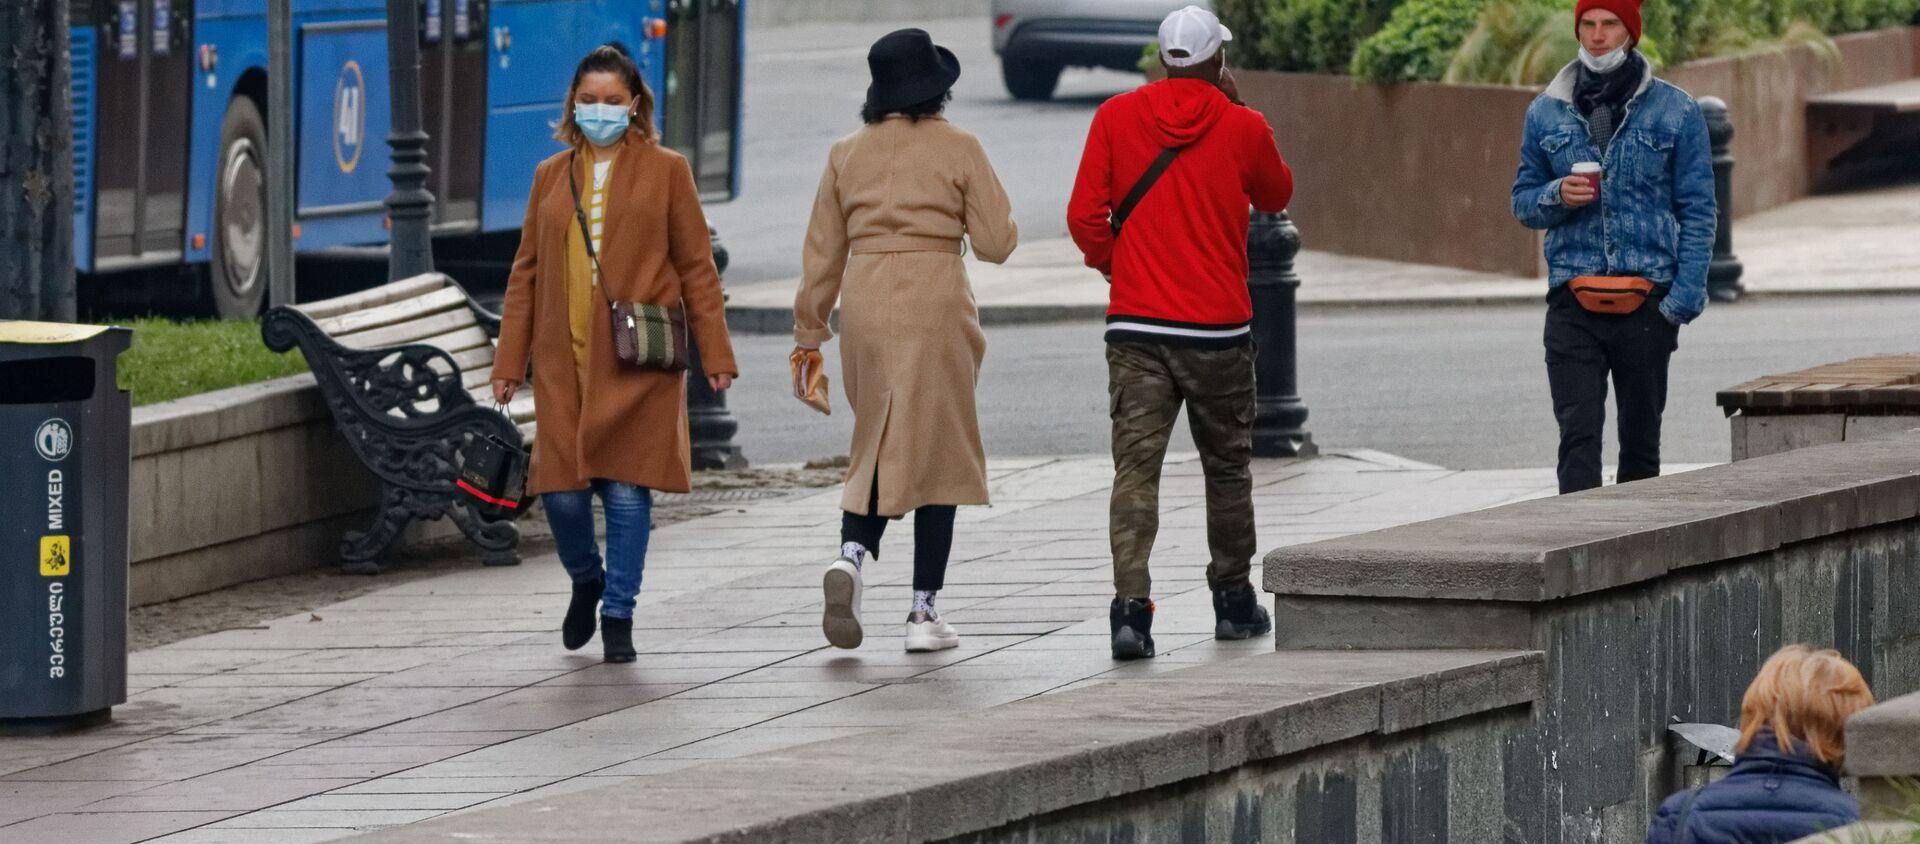 Эпидемия коронавируса - прохожие на улице в масках - Sputnik Грузия, 1920, 20.04.2021